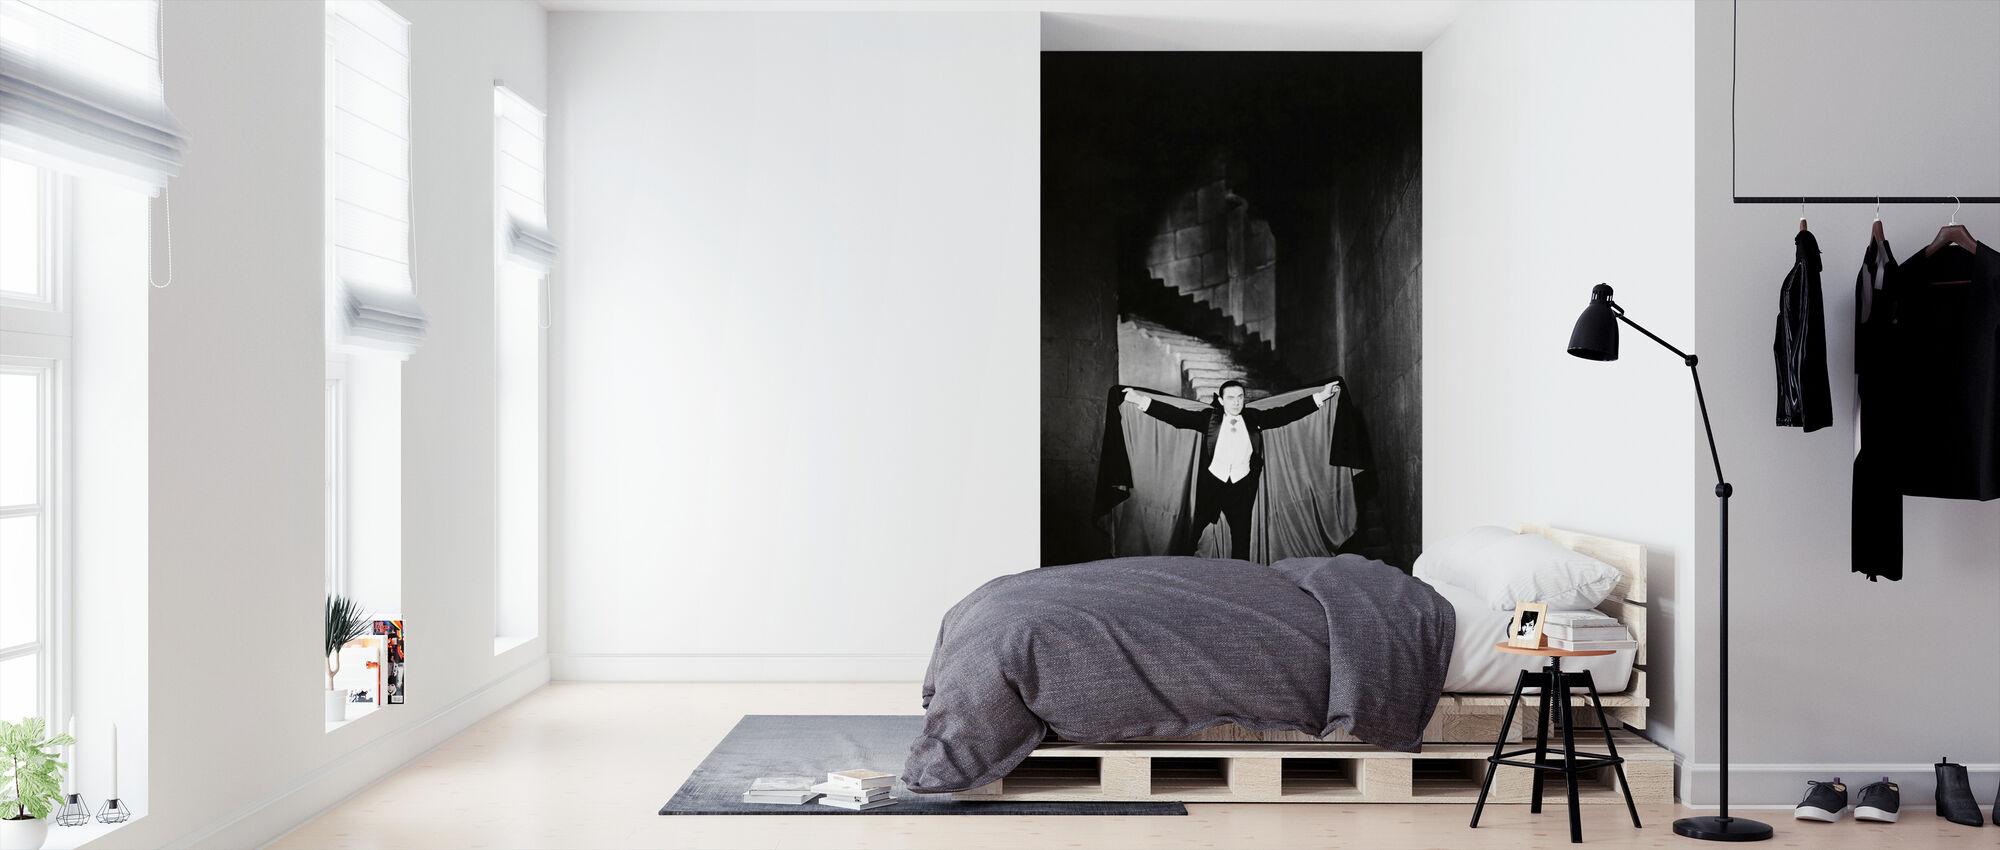 Bela Lugosi in Dracula - Wallpaper - Bedroom